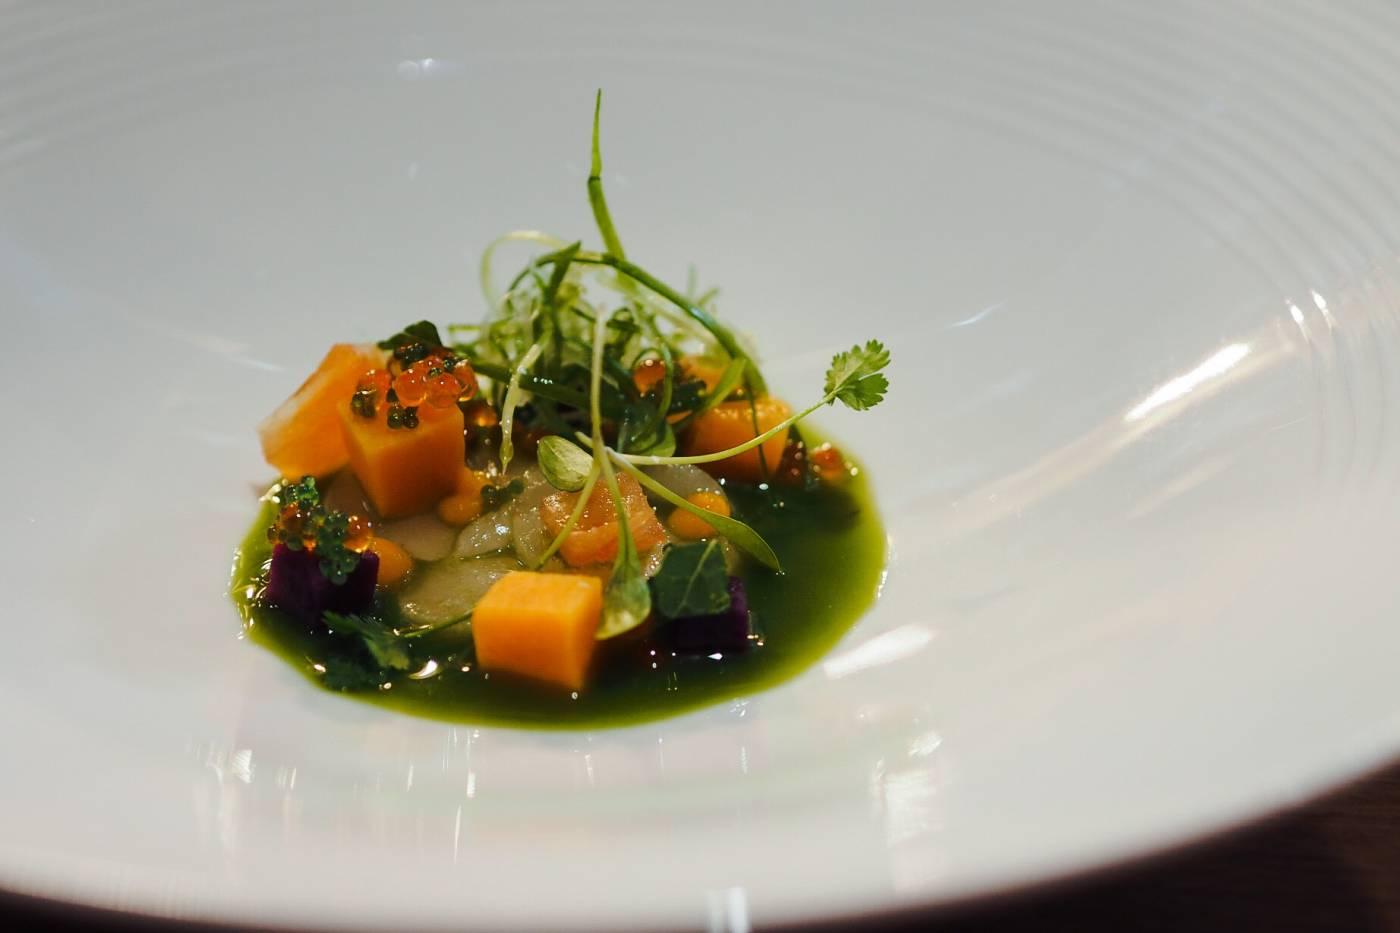 Paris_House_Woburn_Spring_Menu_Review_10course_chefs_table(5)